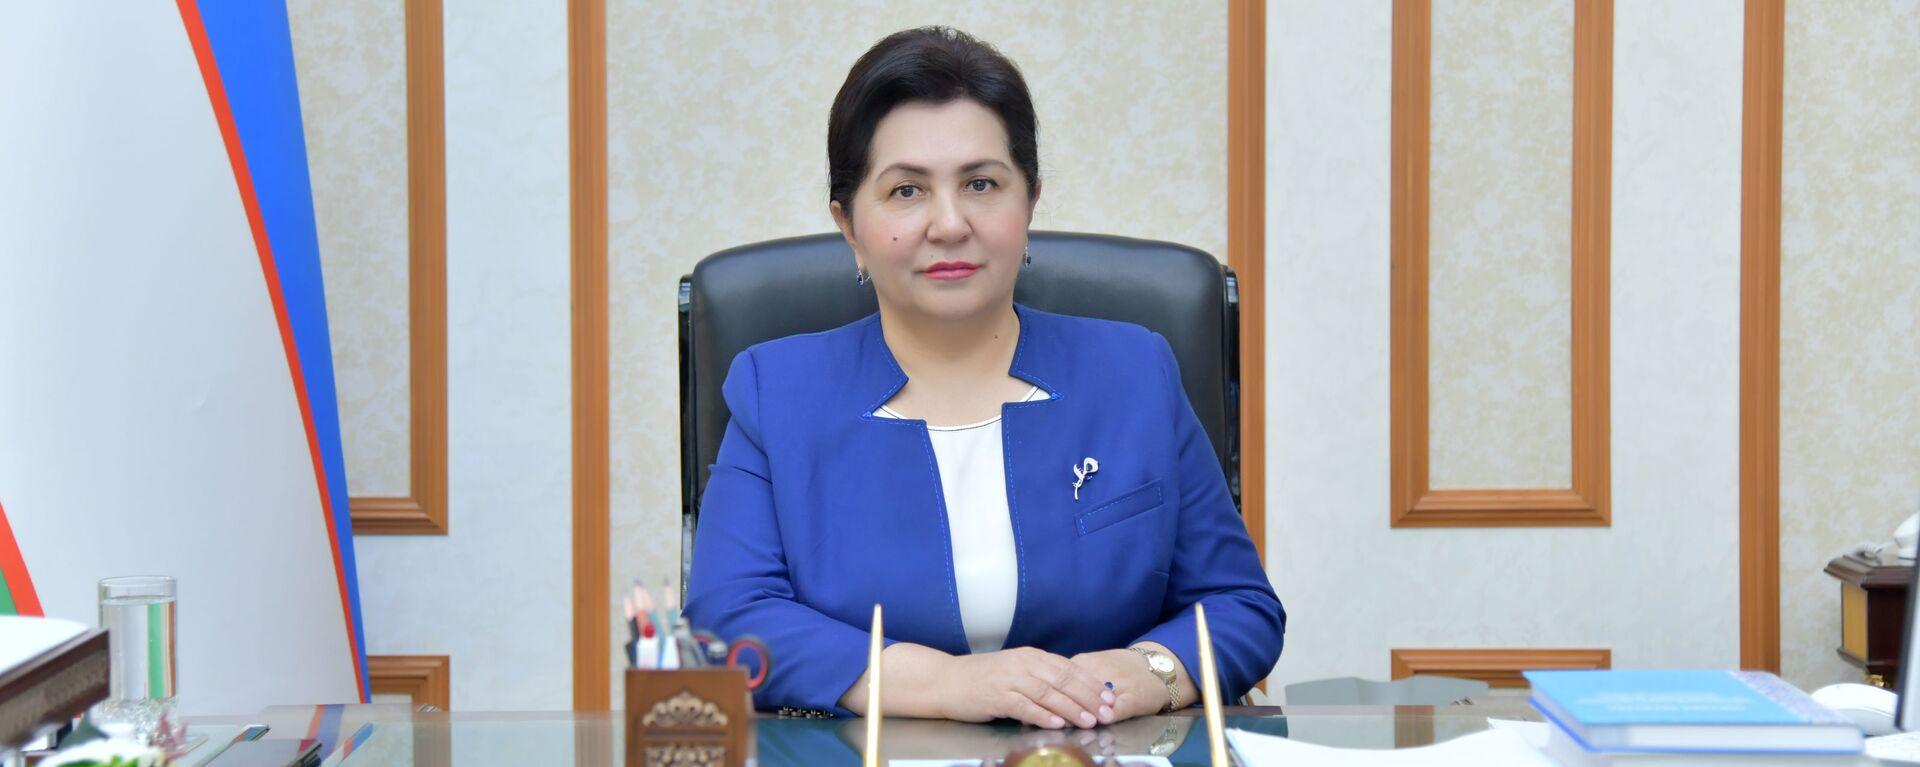 Председатель Сената Олий Мажлиса Узбекистана Танзила Нарбаева - Sputnik Узбекистан, 1920, 30.06.2021